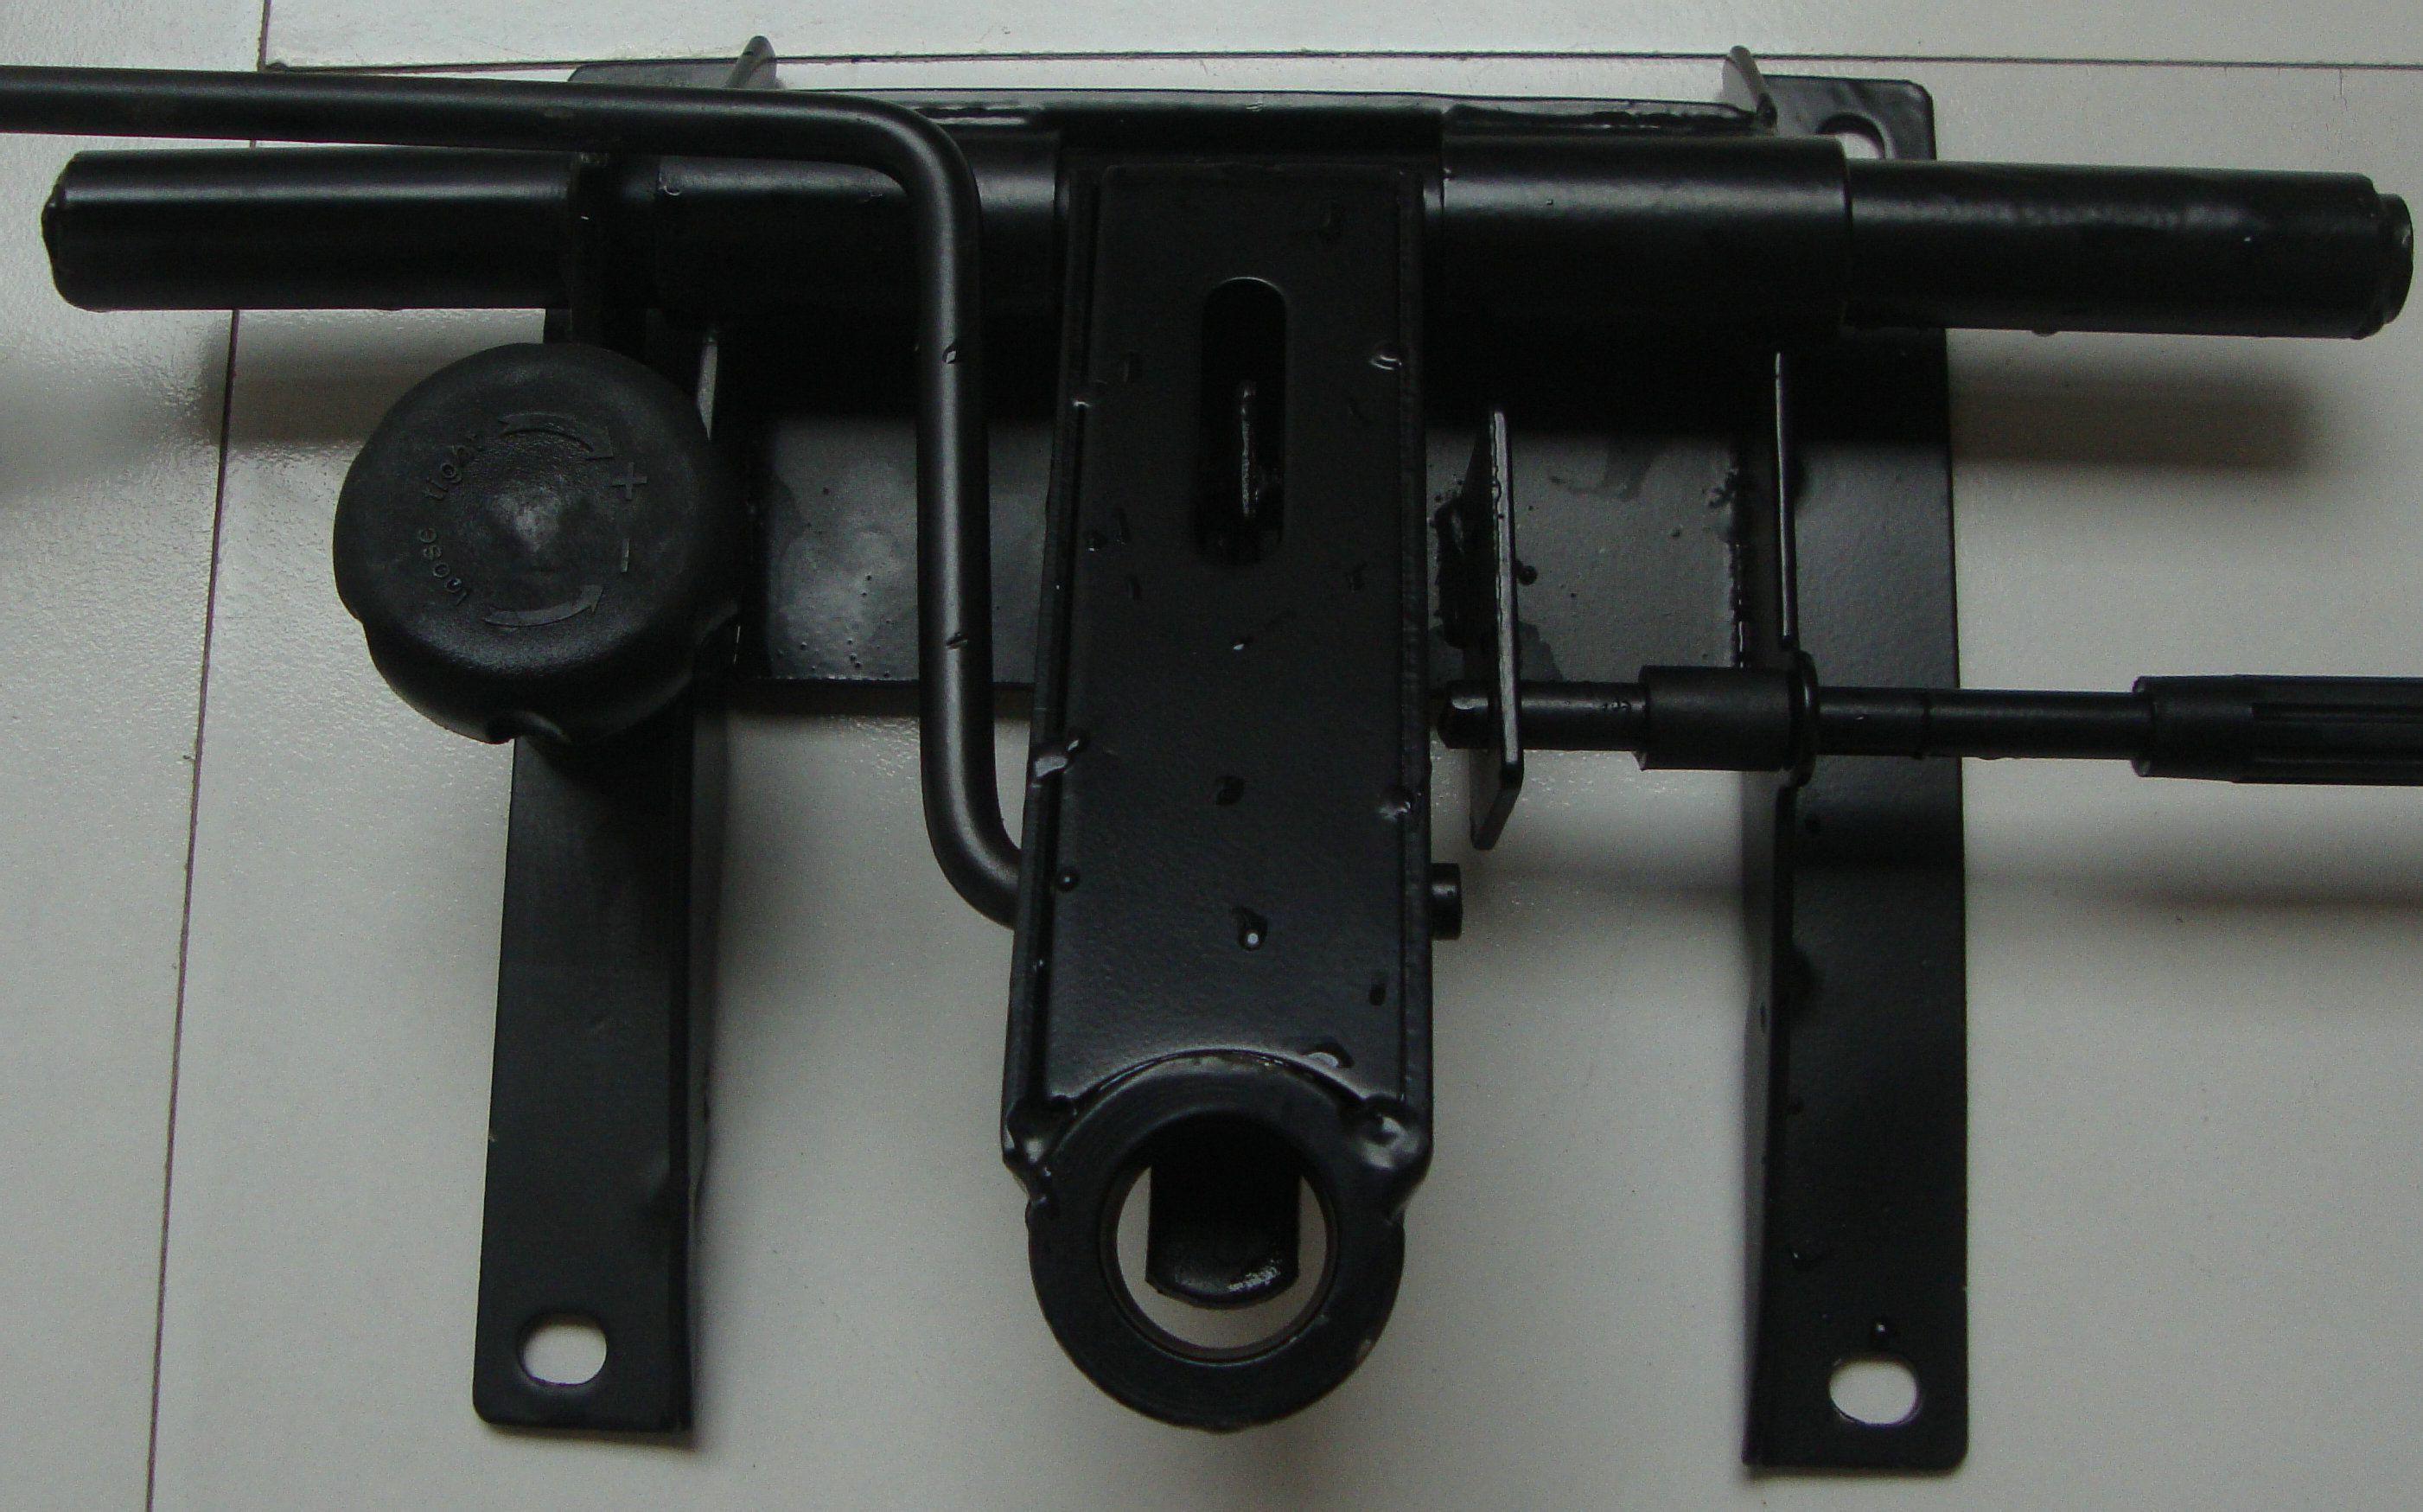 转椅五爪底座断裂一个(有图),怎样拆卸焊接?